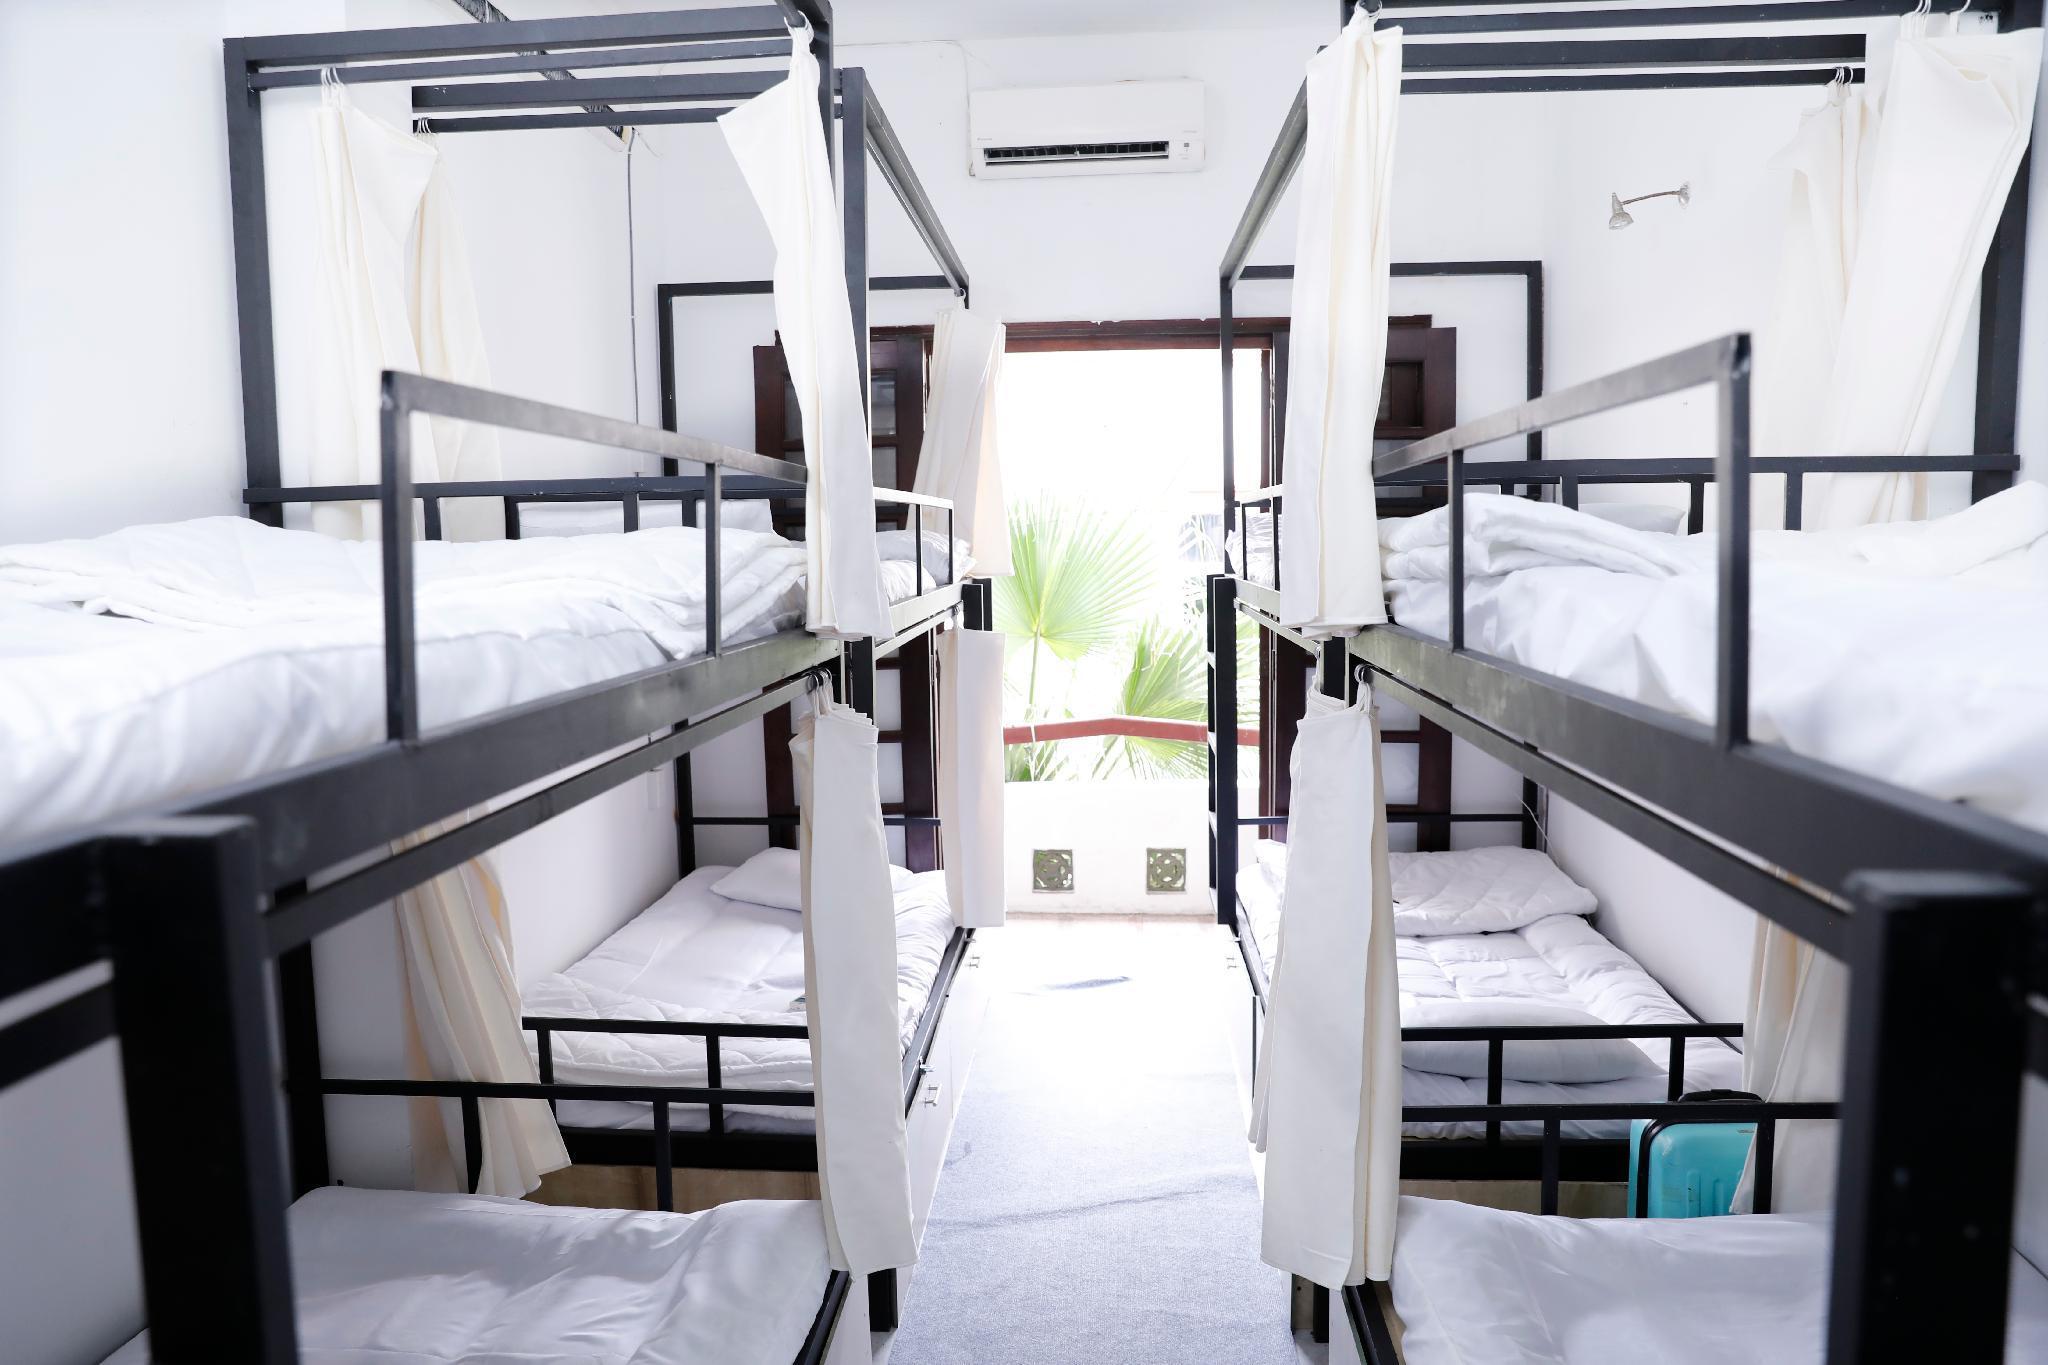 D-Dorm_Luxury Dormitory